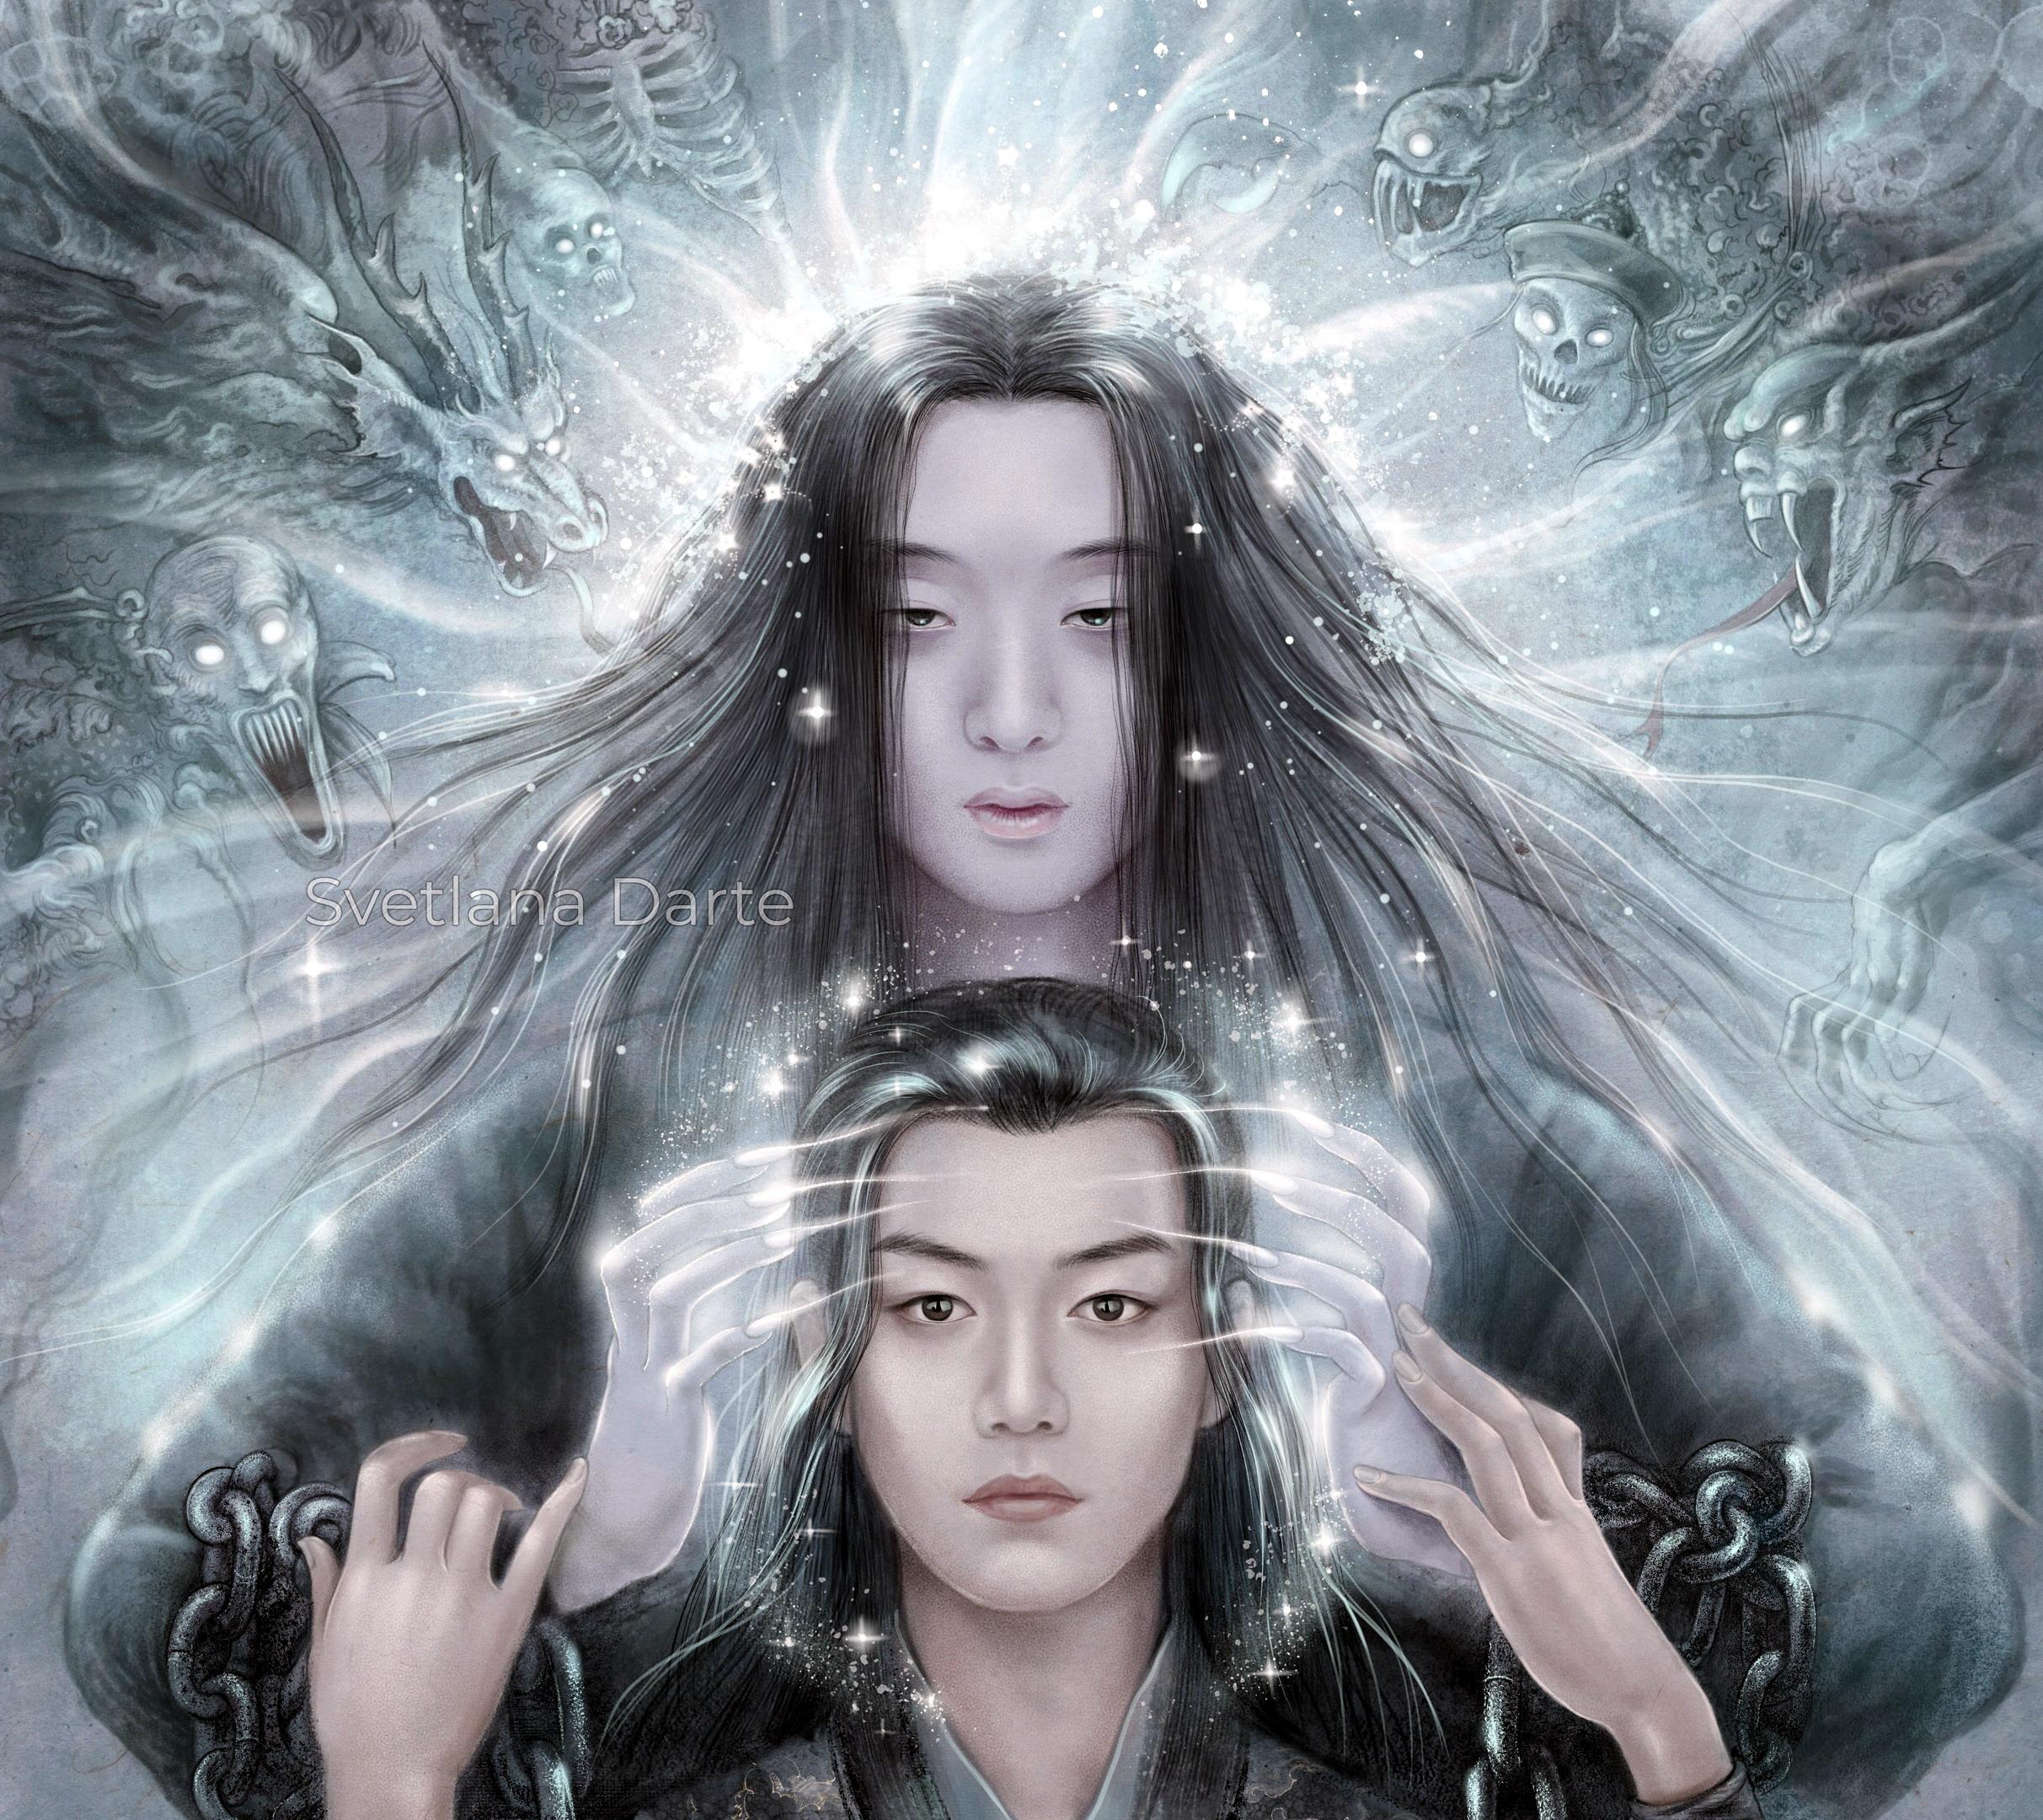 Wei Wuxian Wei Ying Wen Ning Paul Yu Xiao Zhan 2425x2160